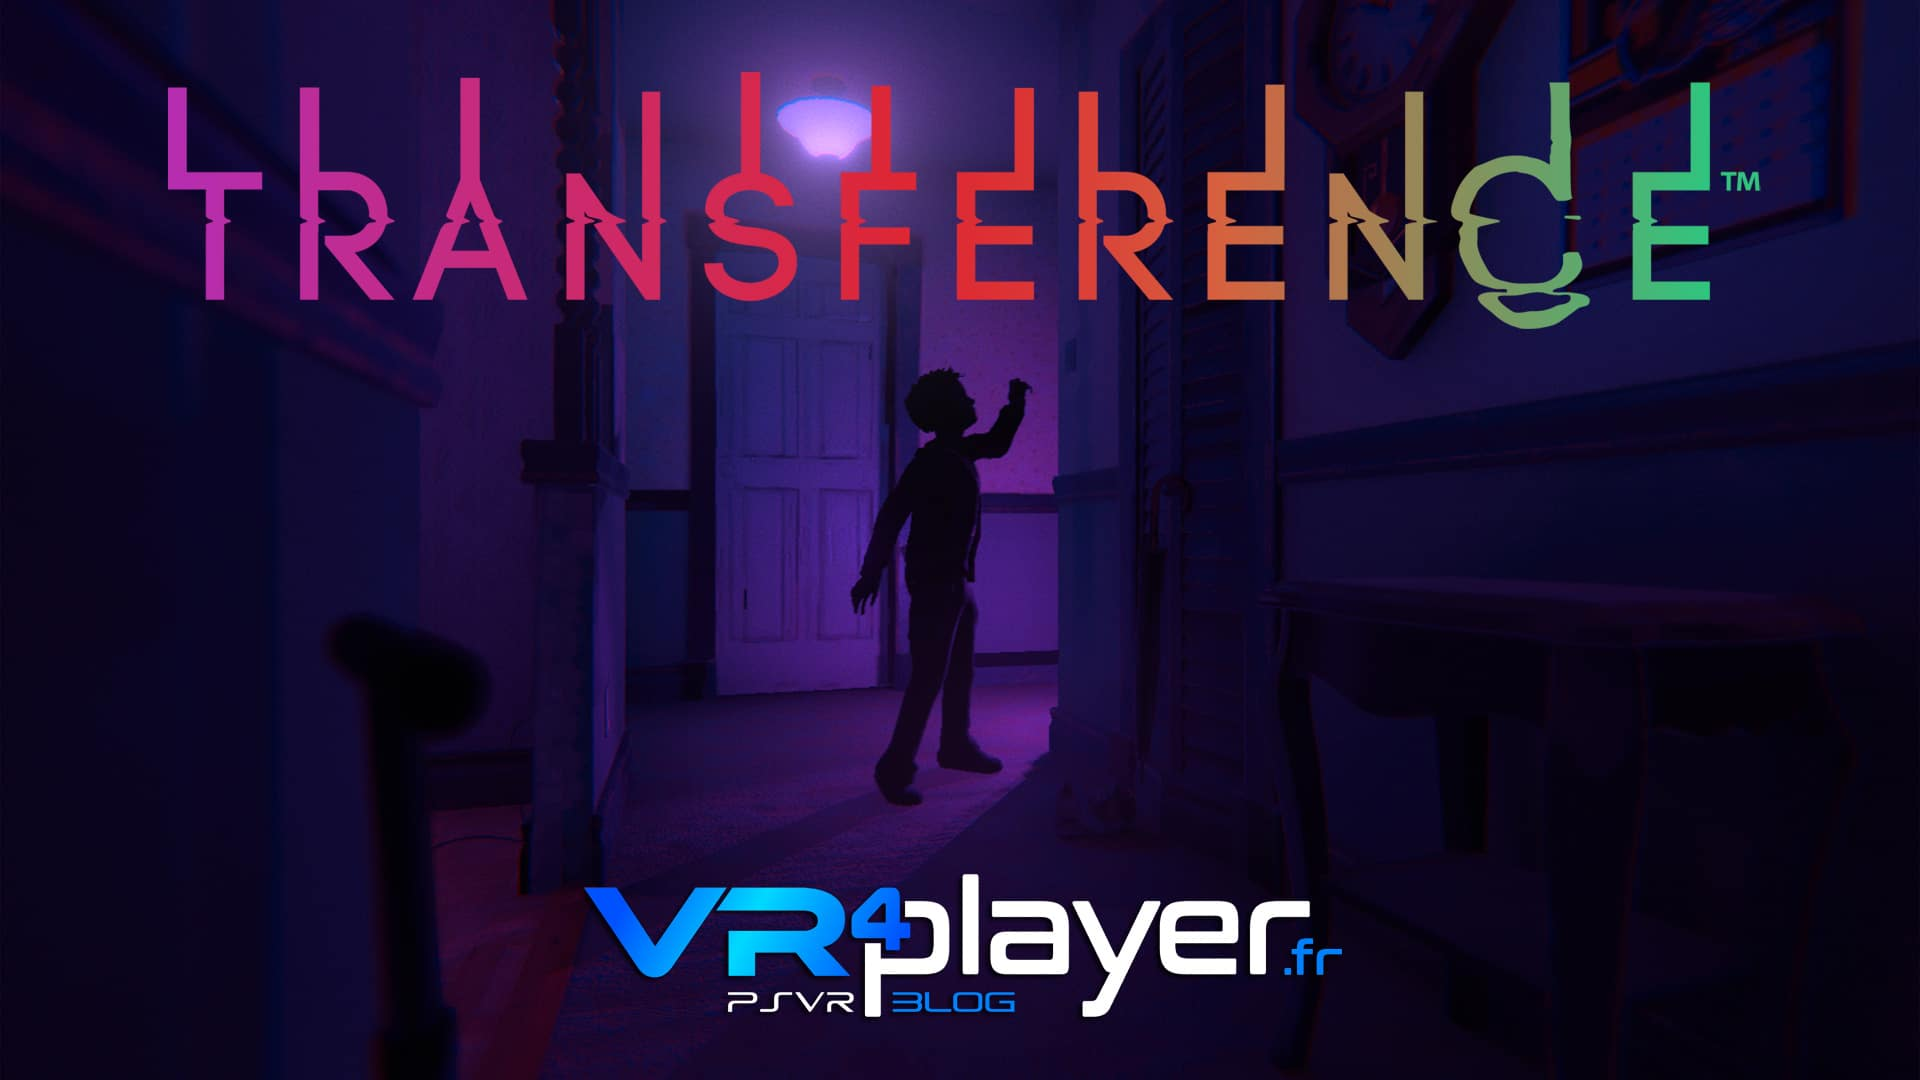 Transference, la démo préquelle est disponible sur le Store vr4player.fr